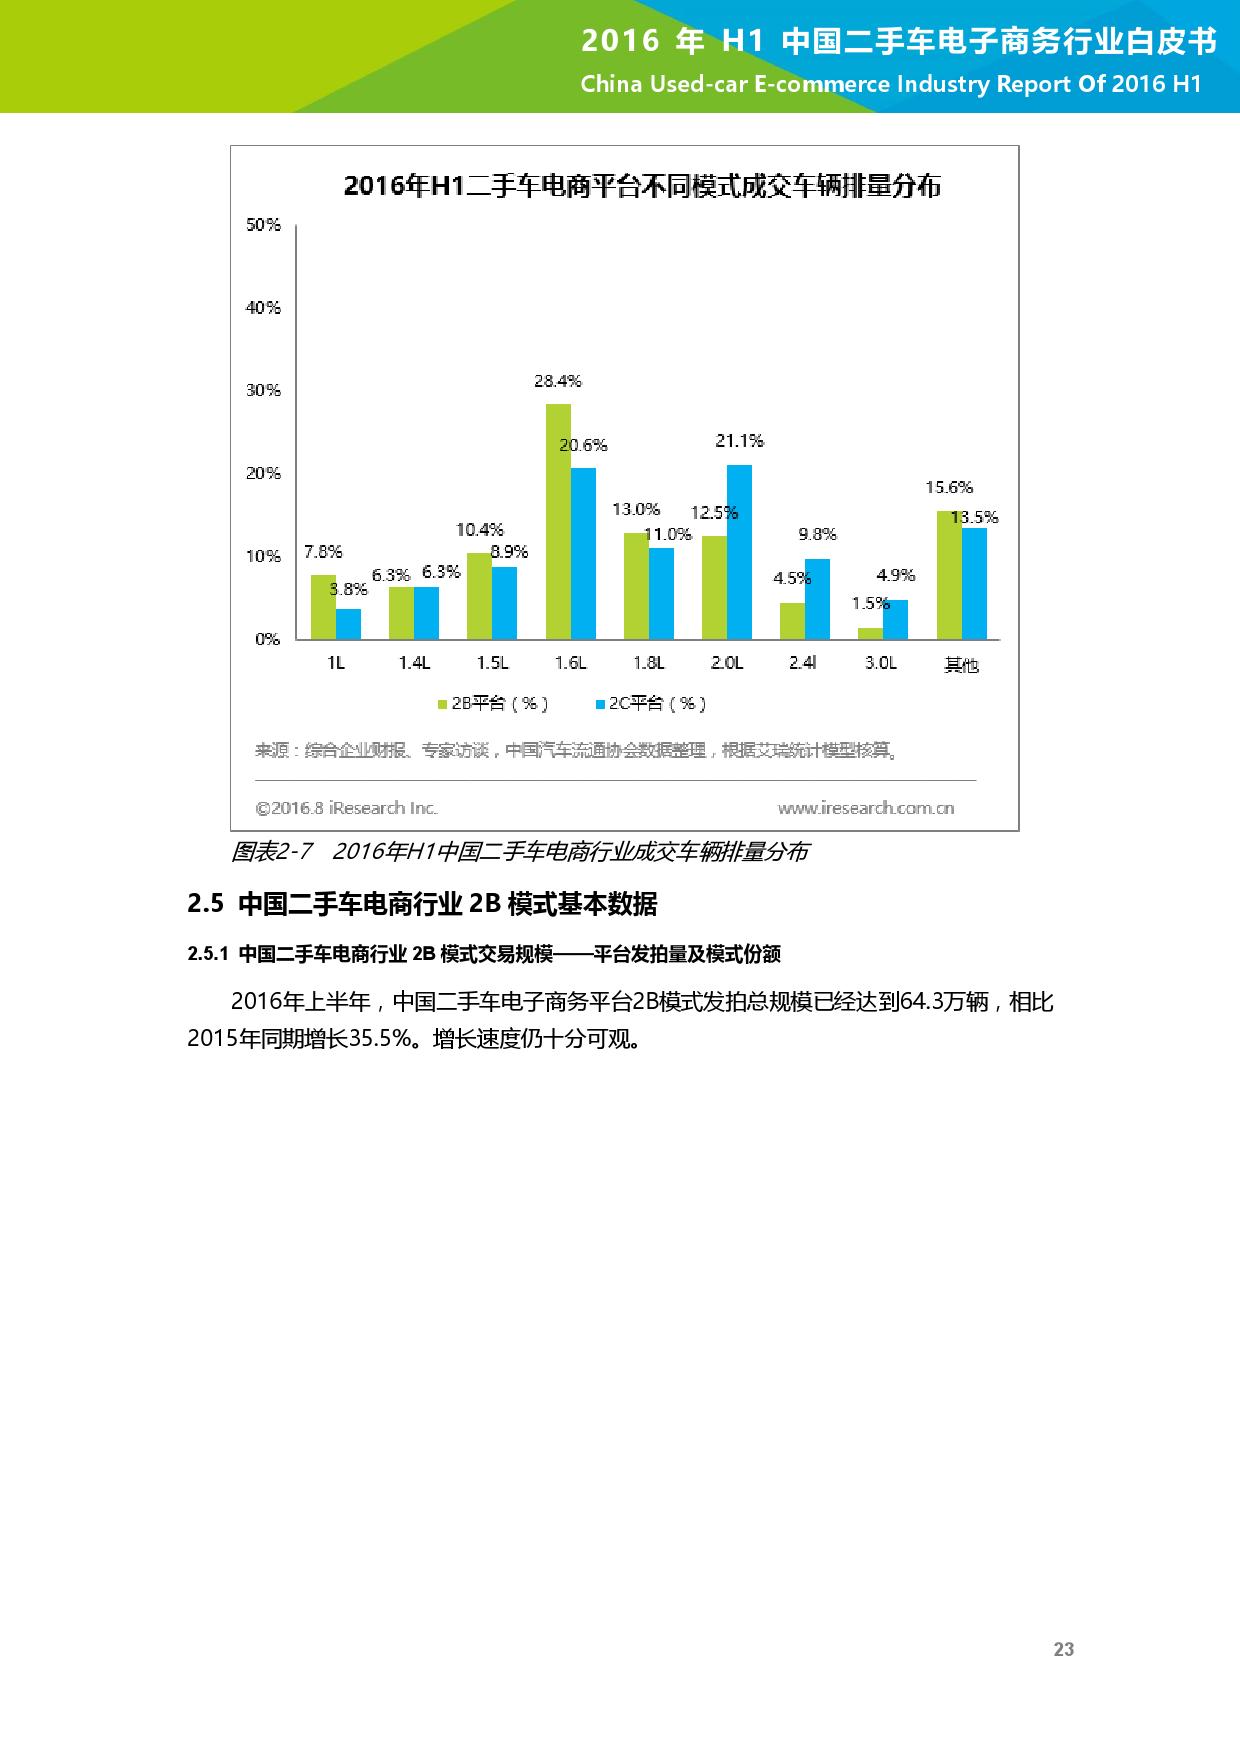 2016年H1中国二手车电子商务行业白皮书_000024